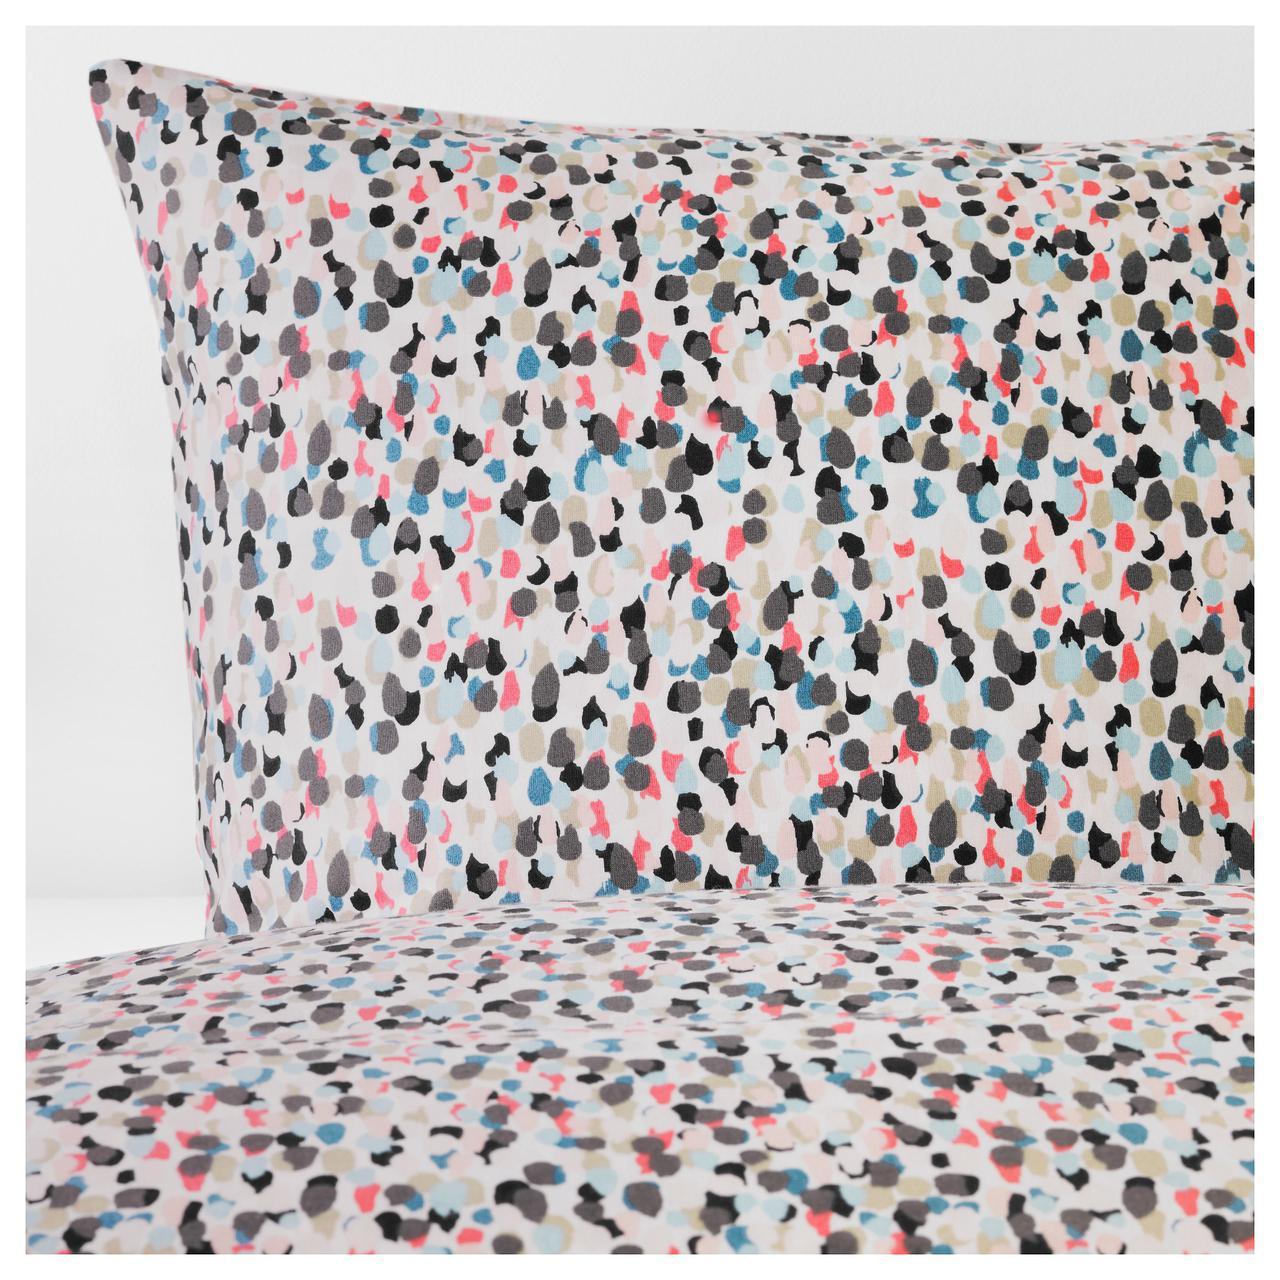 Комплект постельного белья IKEA SMÅSTARR 200х220 см разноцветный 104.033.79